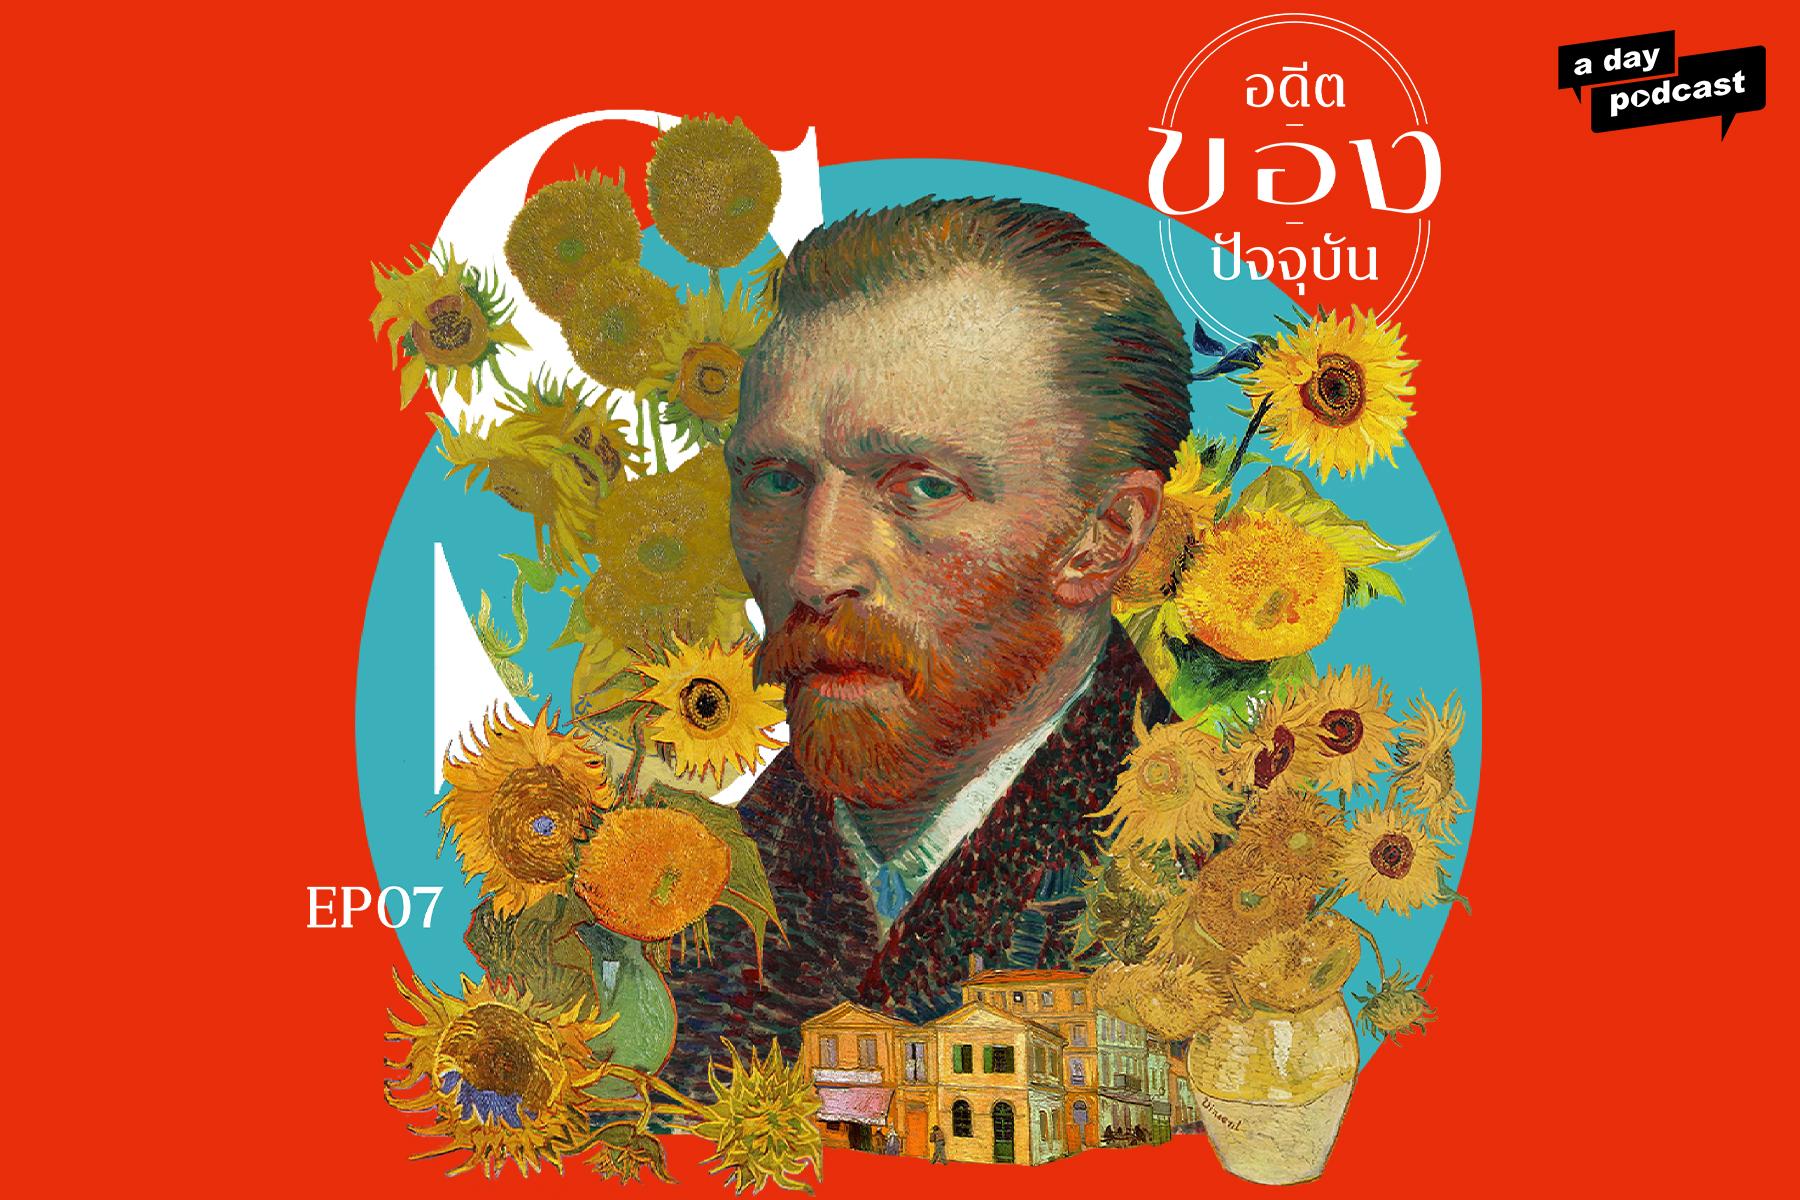 อดีต | ของ | ปัจจุบัน EP.07 Sunflowers แวน โกะห์ กับชีวิตที่เริ่มต้นใหม่ด้วยภาพดอกทานตะวัน